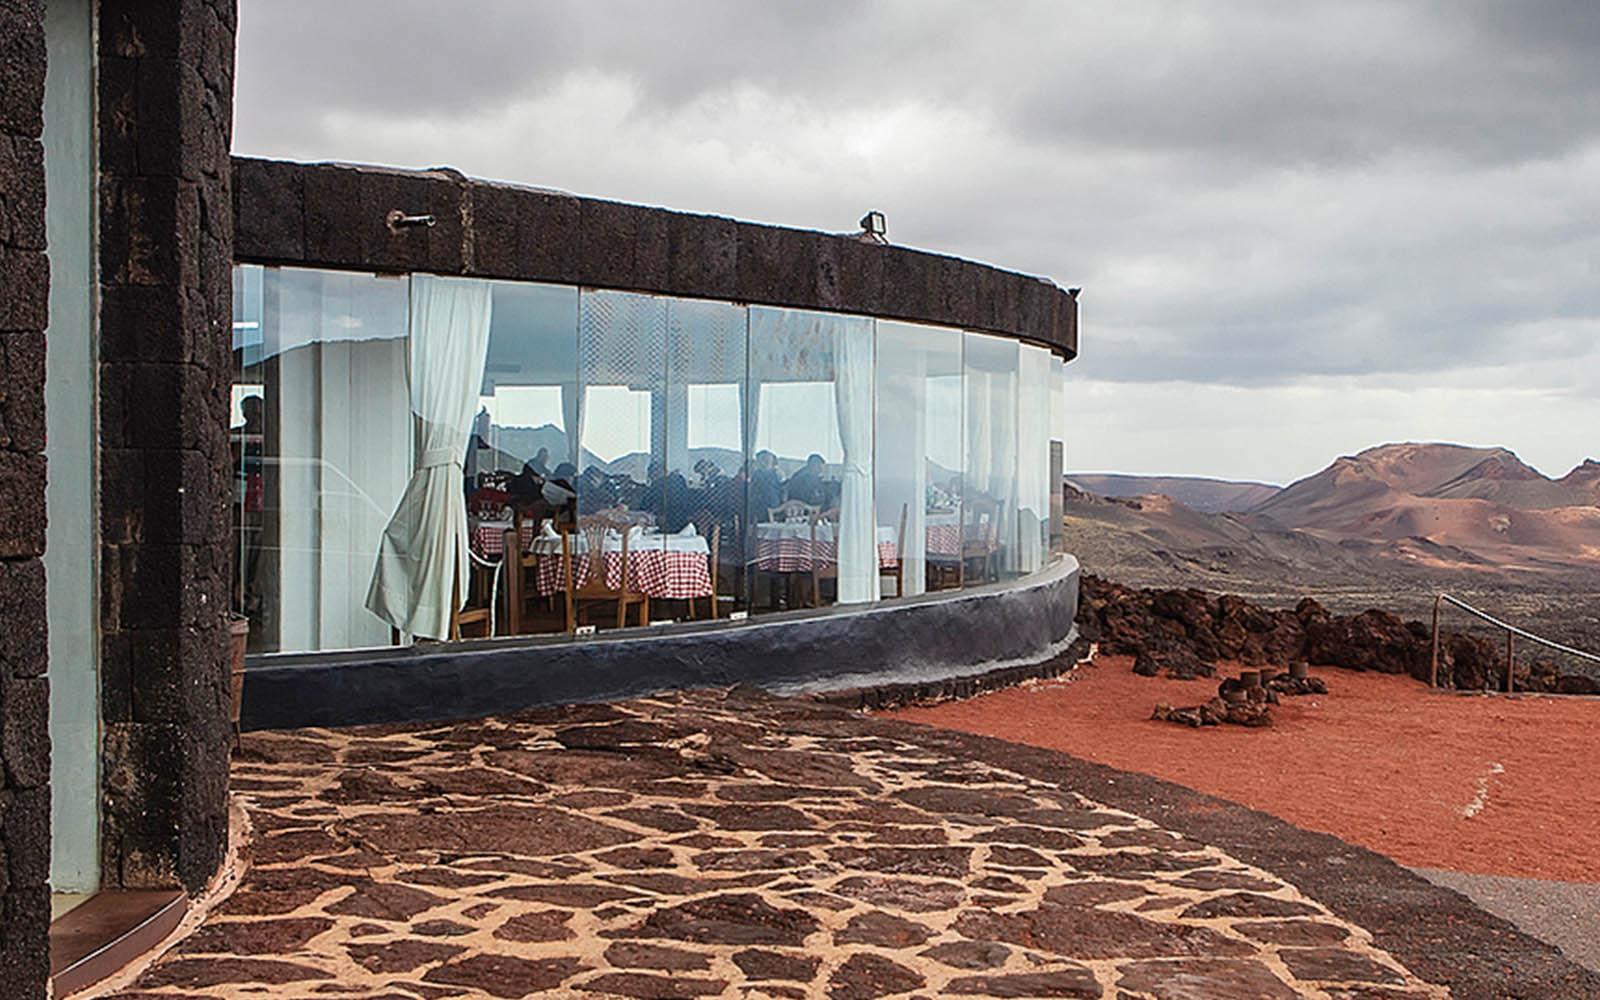 Ресторан Эль Дьябло в Испании (El Diablo)